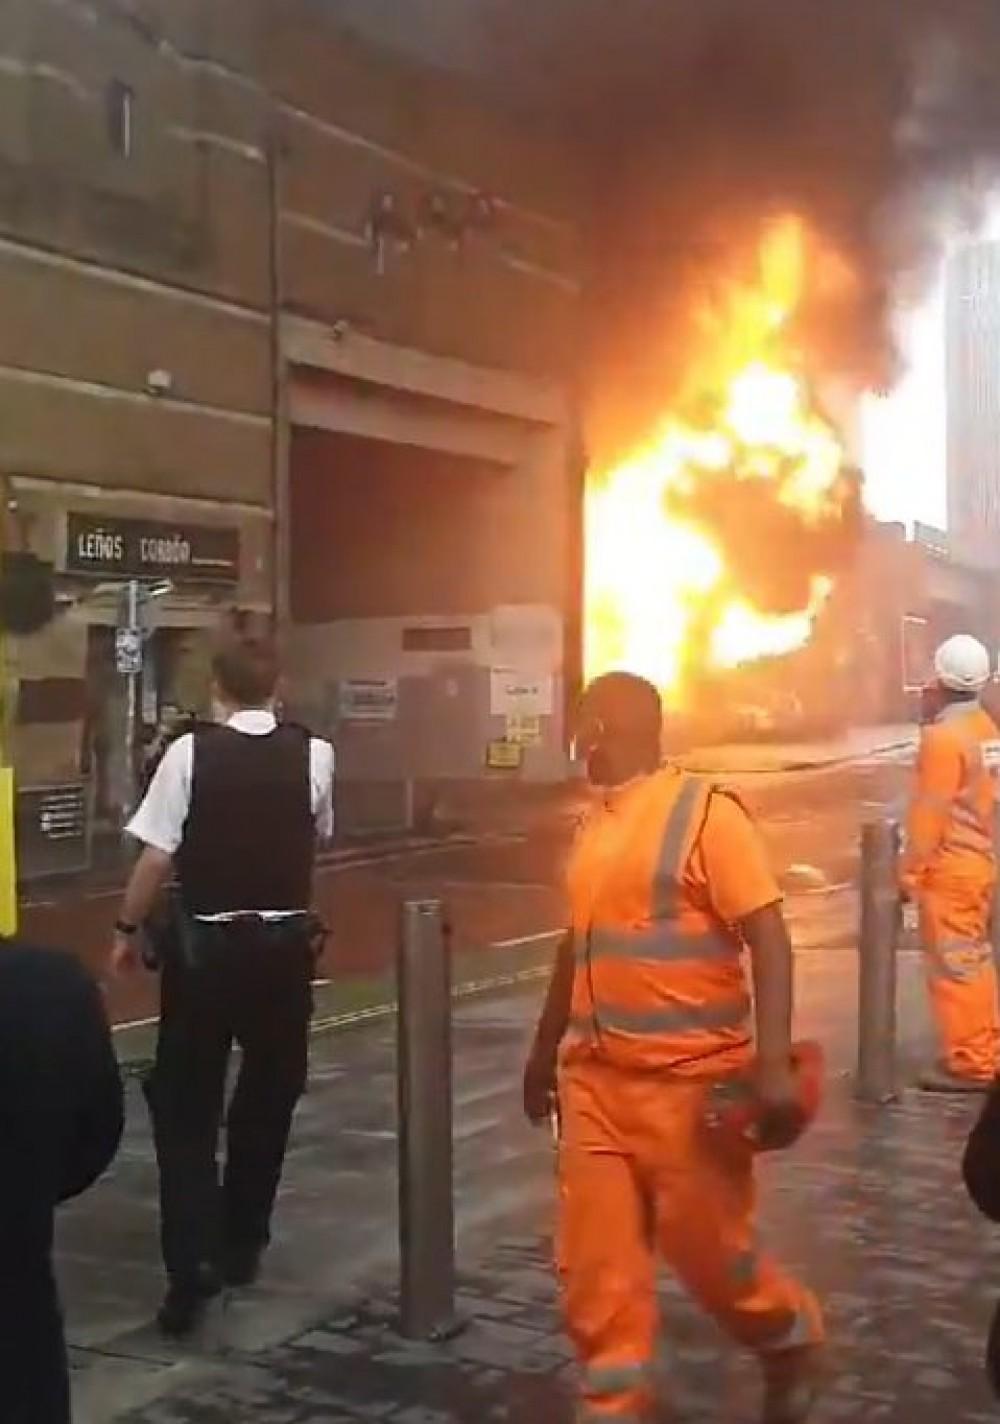 В лондонском метро прогремел взрыв // Очевидцы публикуют кадры масштабного пожара